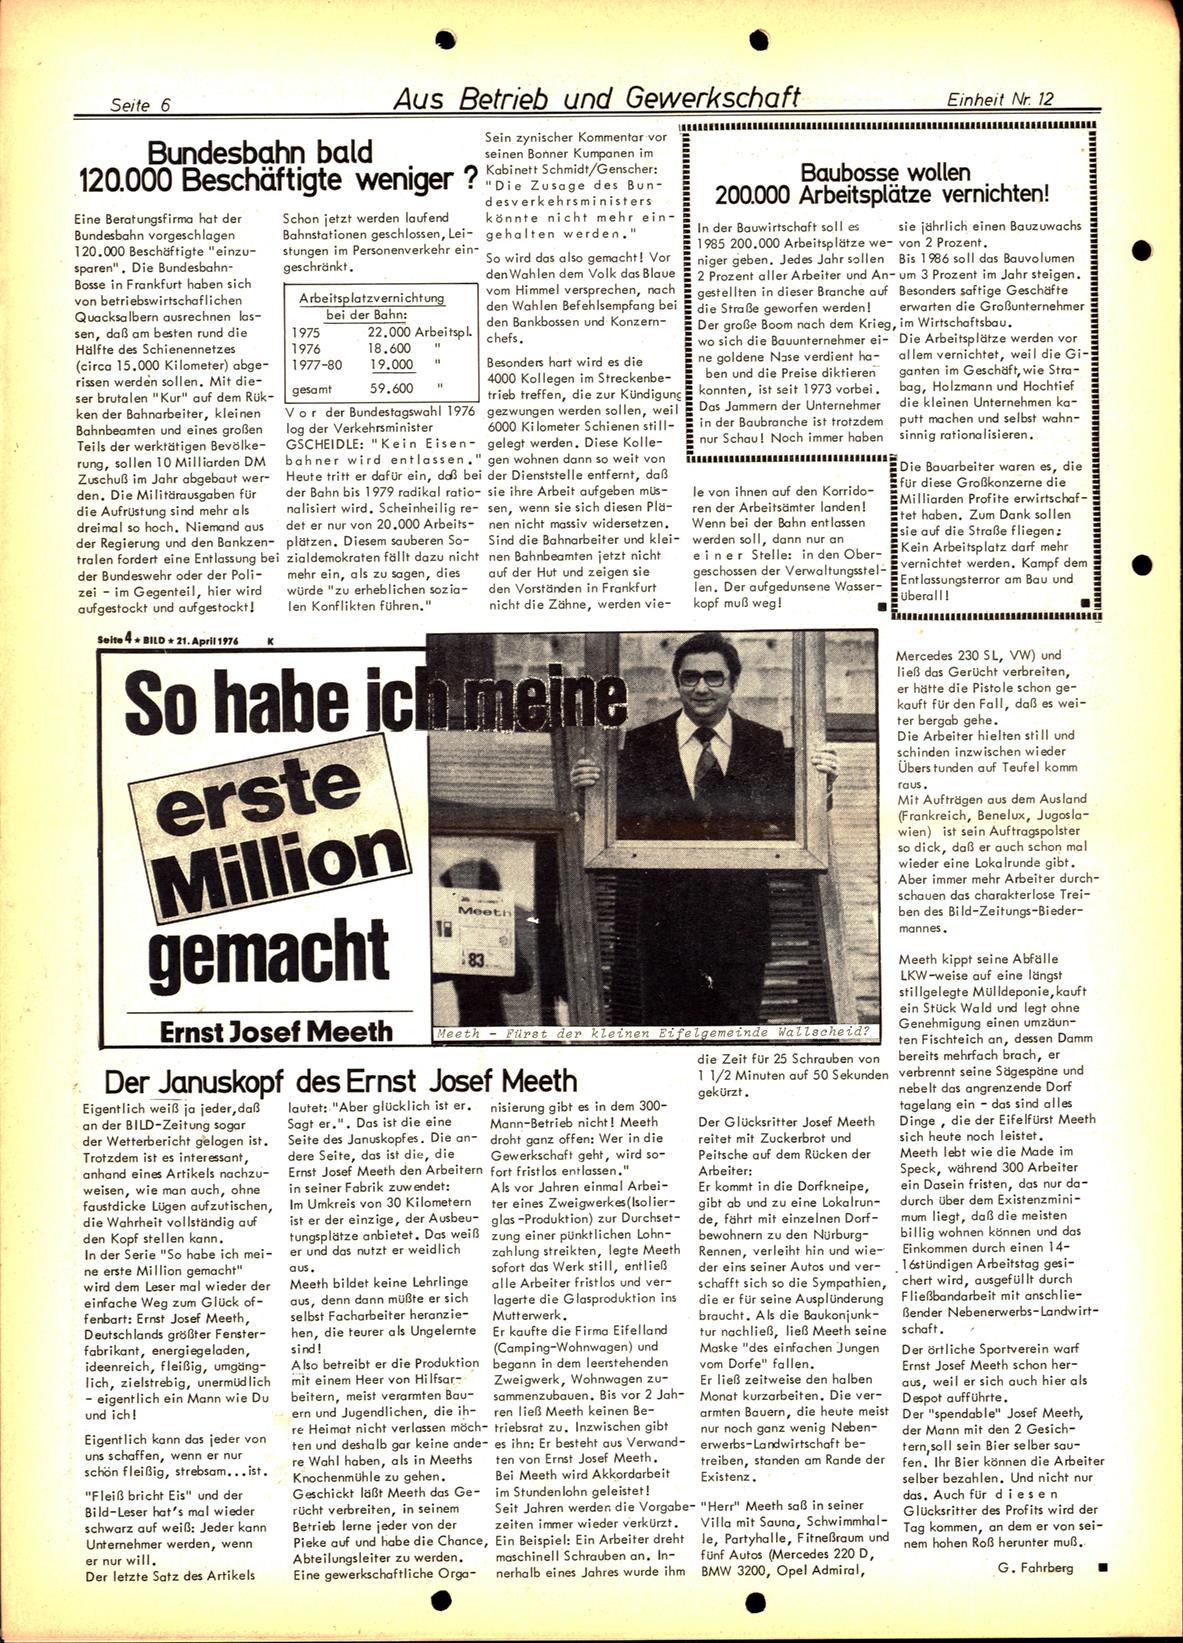 Koeln_IPdA_Einheit_1977_012_006